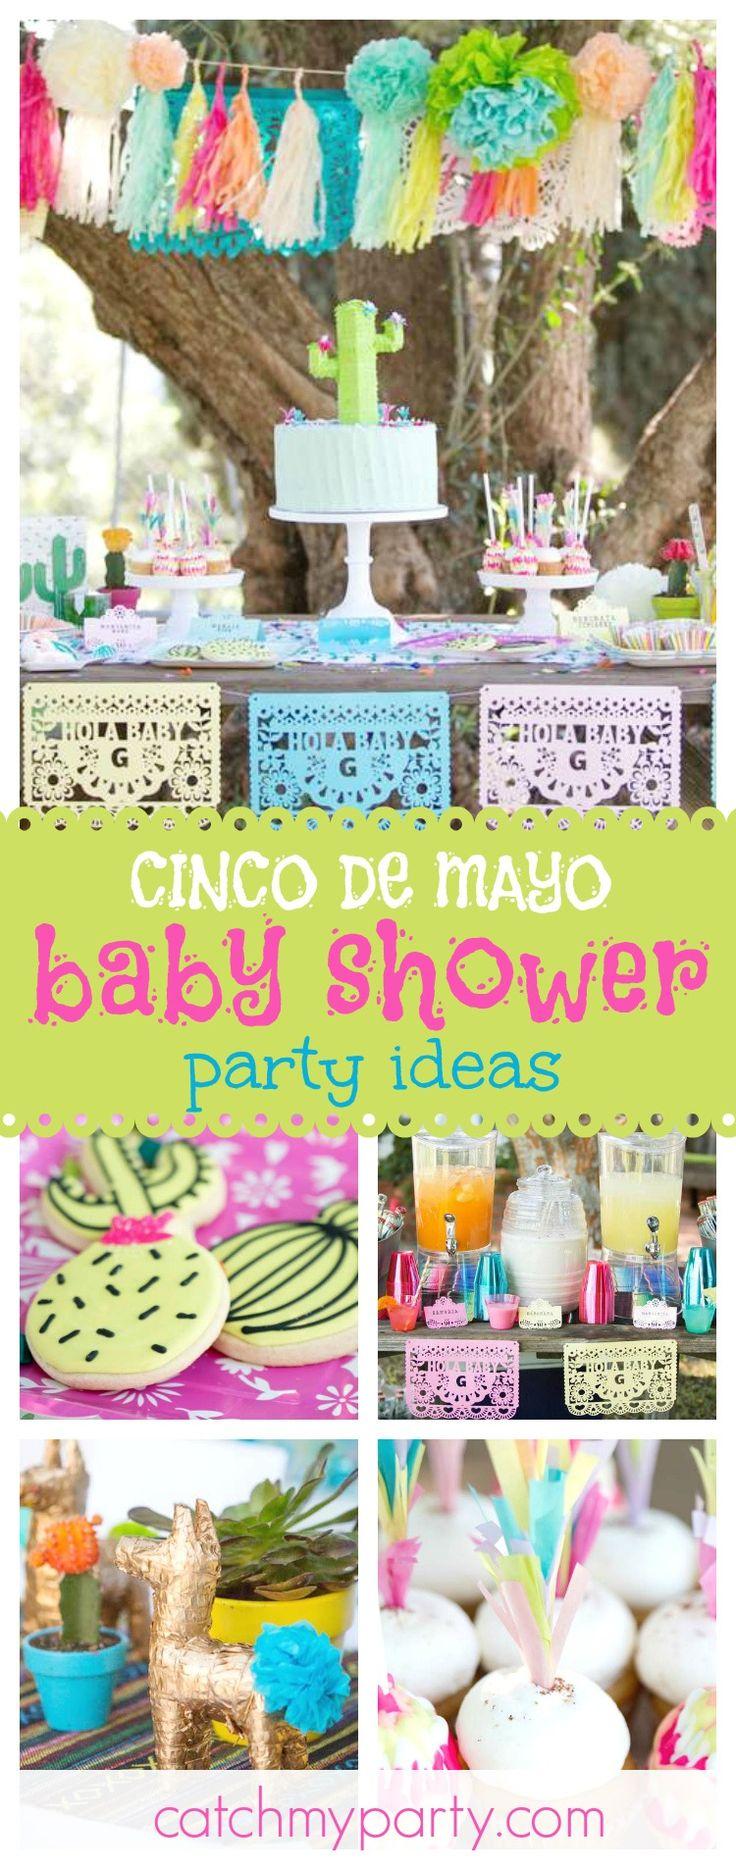 Garden Party Ideas 29 garden party ideas for classy entertainment space Celebrate Cinco De Mayo With An Incredible Mexican Garden Party The Cake Is Amazing